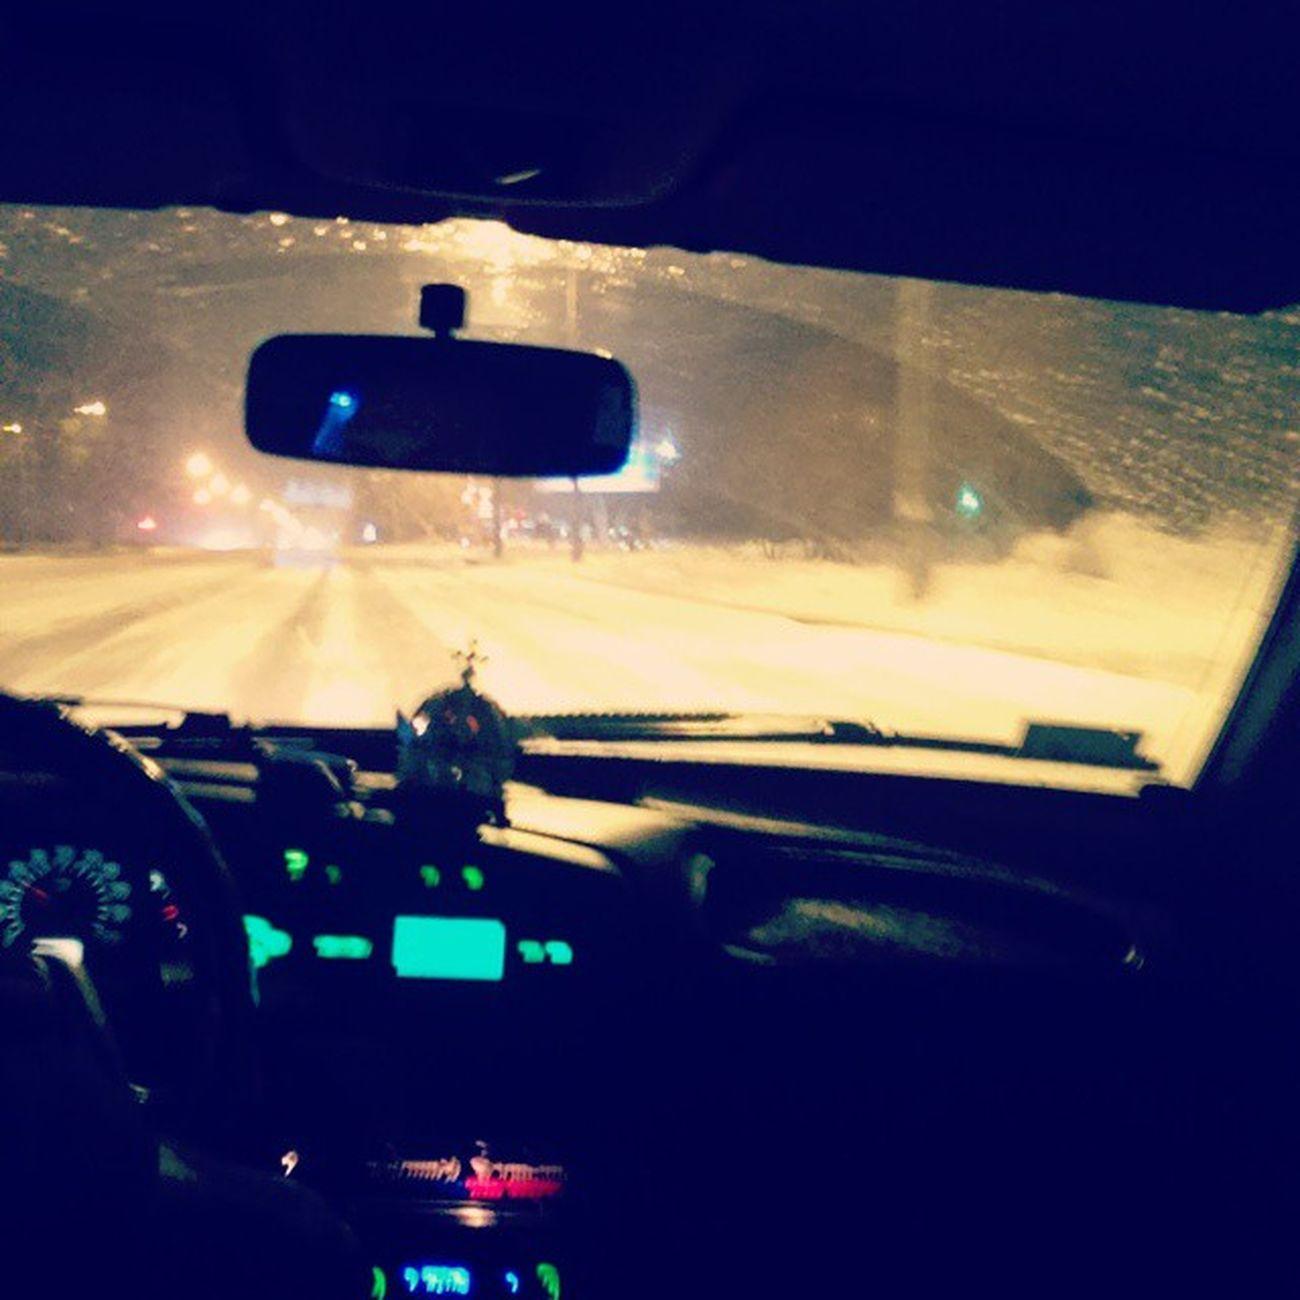 российский автопром Лада4 Погода заметаетзимазаепалаСибирь